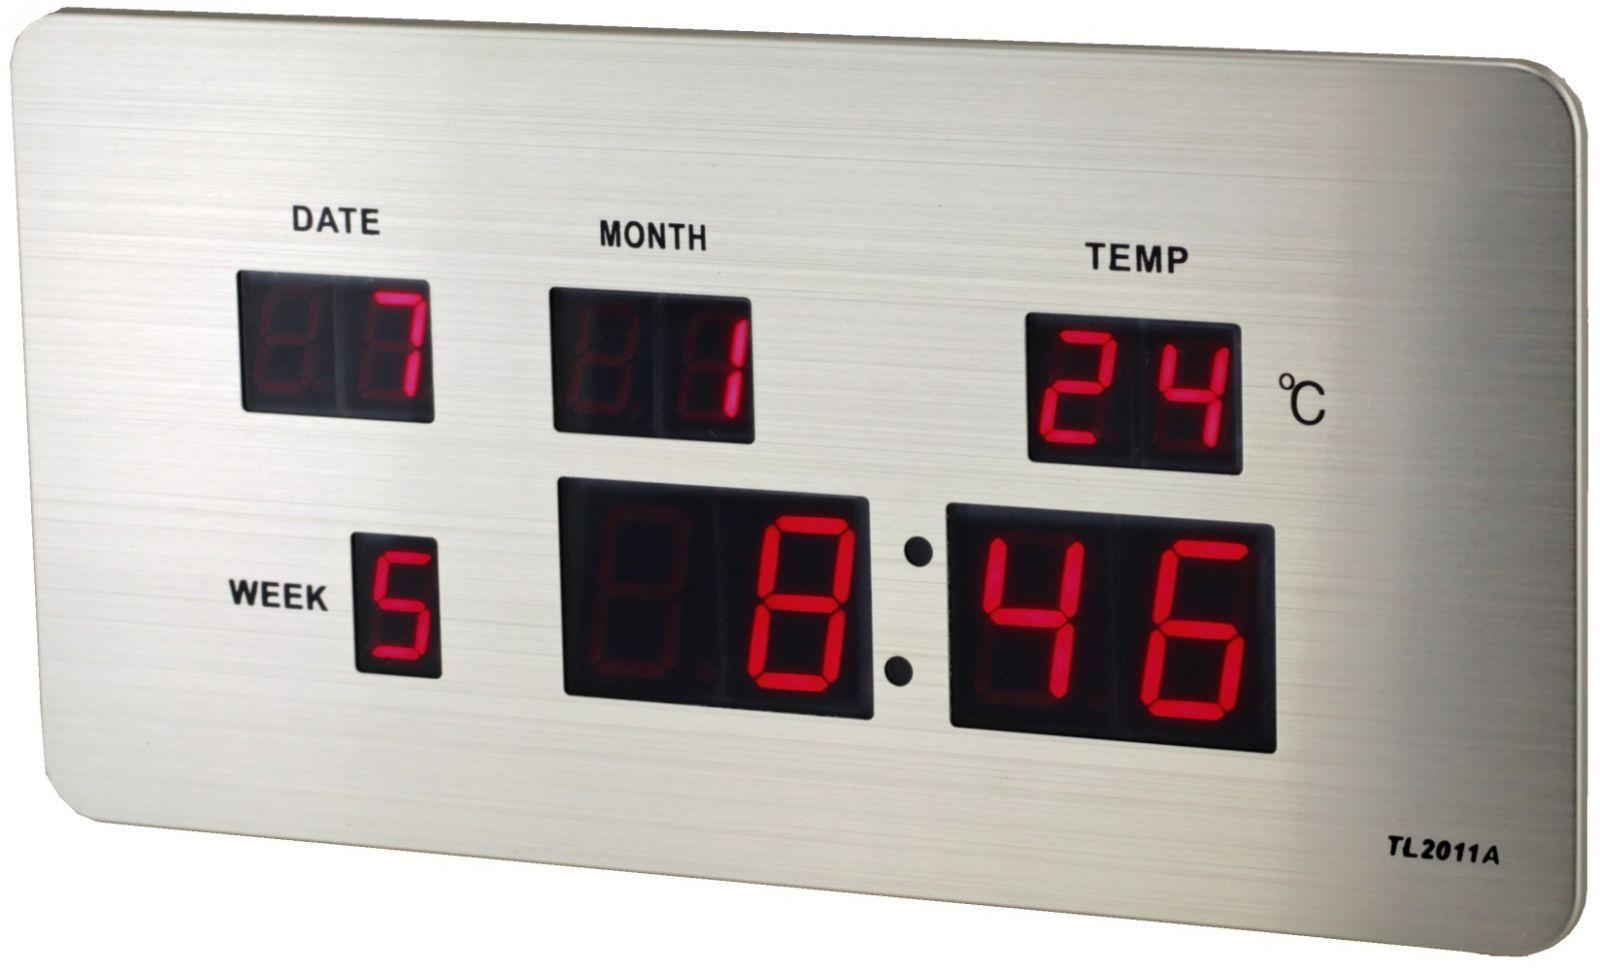 Digitální budík s červenými LED diodami, datem a teploměrem k postavení na stůl nebo pověšení na zeď.068 167377